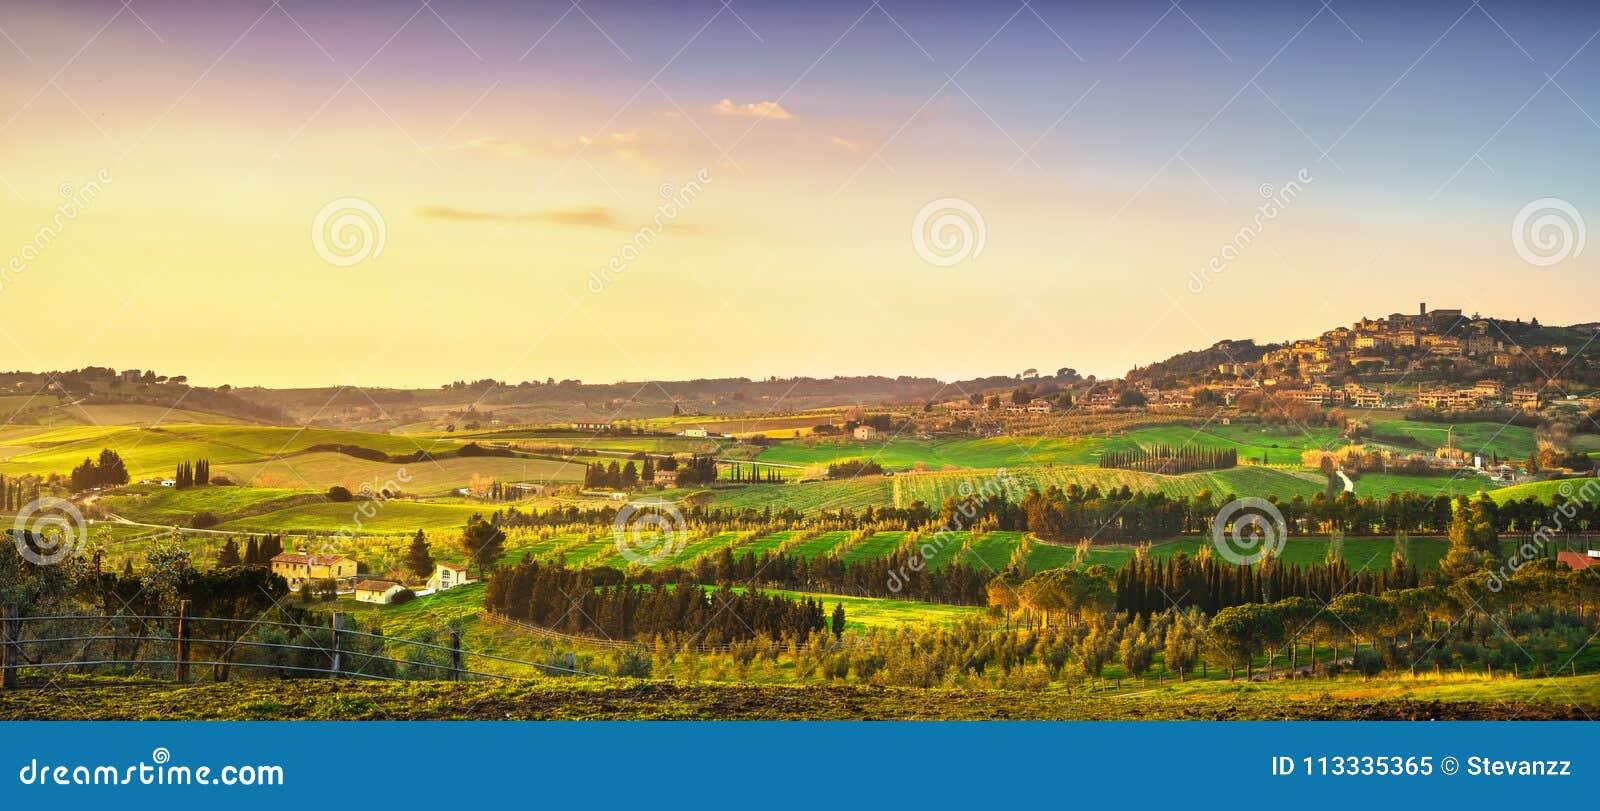 卡萨莱马里蒂莫村庄、葡萄园和风景在Maremma Tu